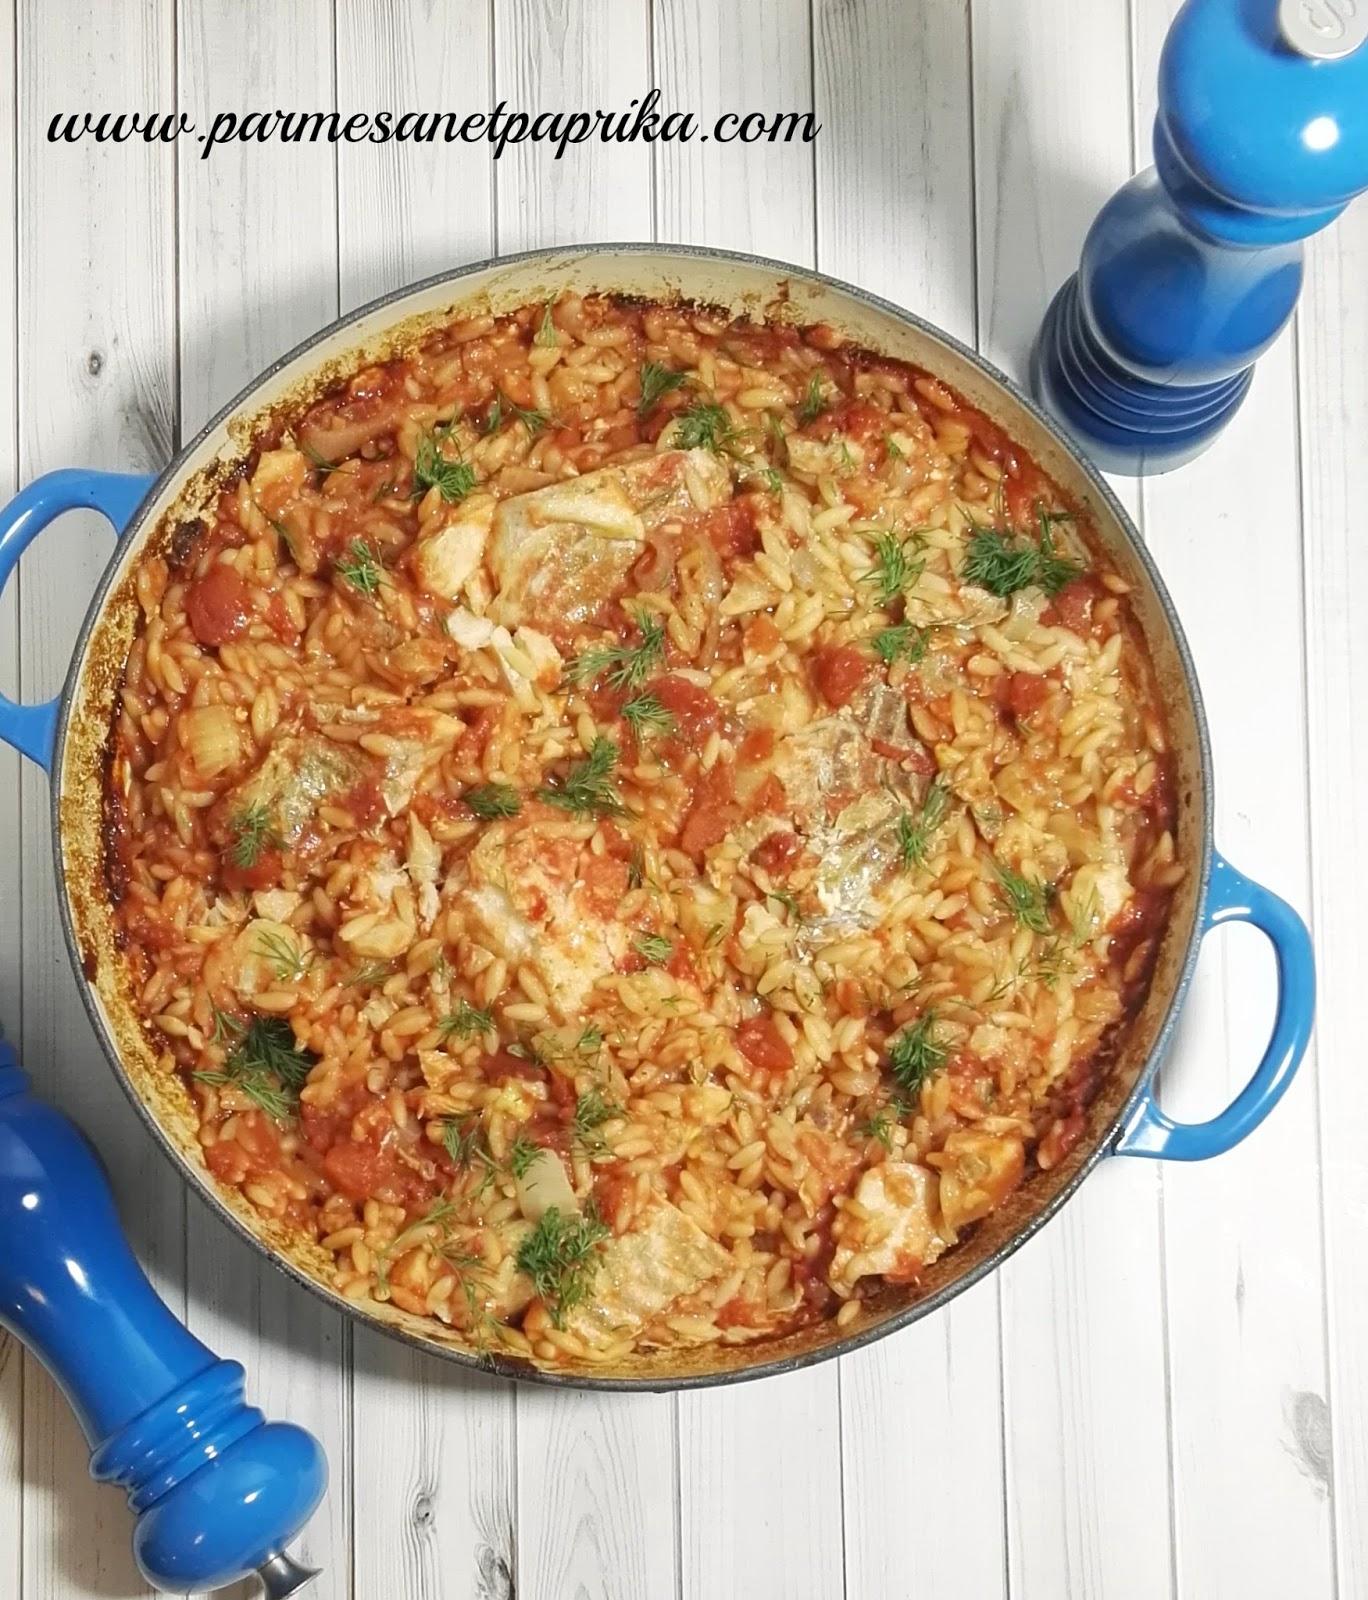 Cabillaud et petites p tes fenouil et ouzo parmesan et for Cabillaud fenouil